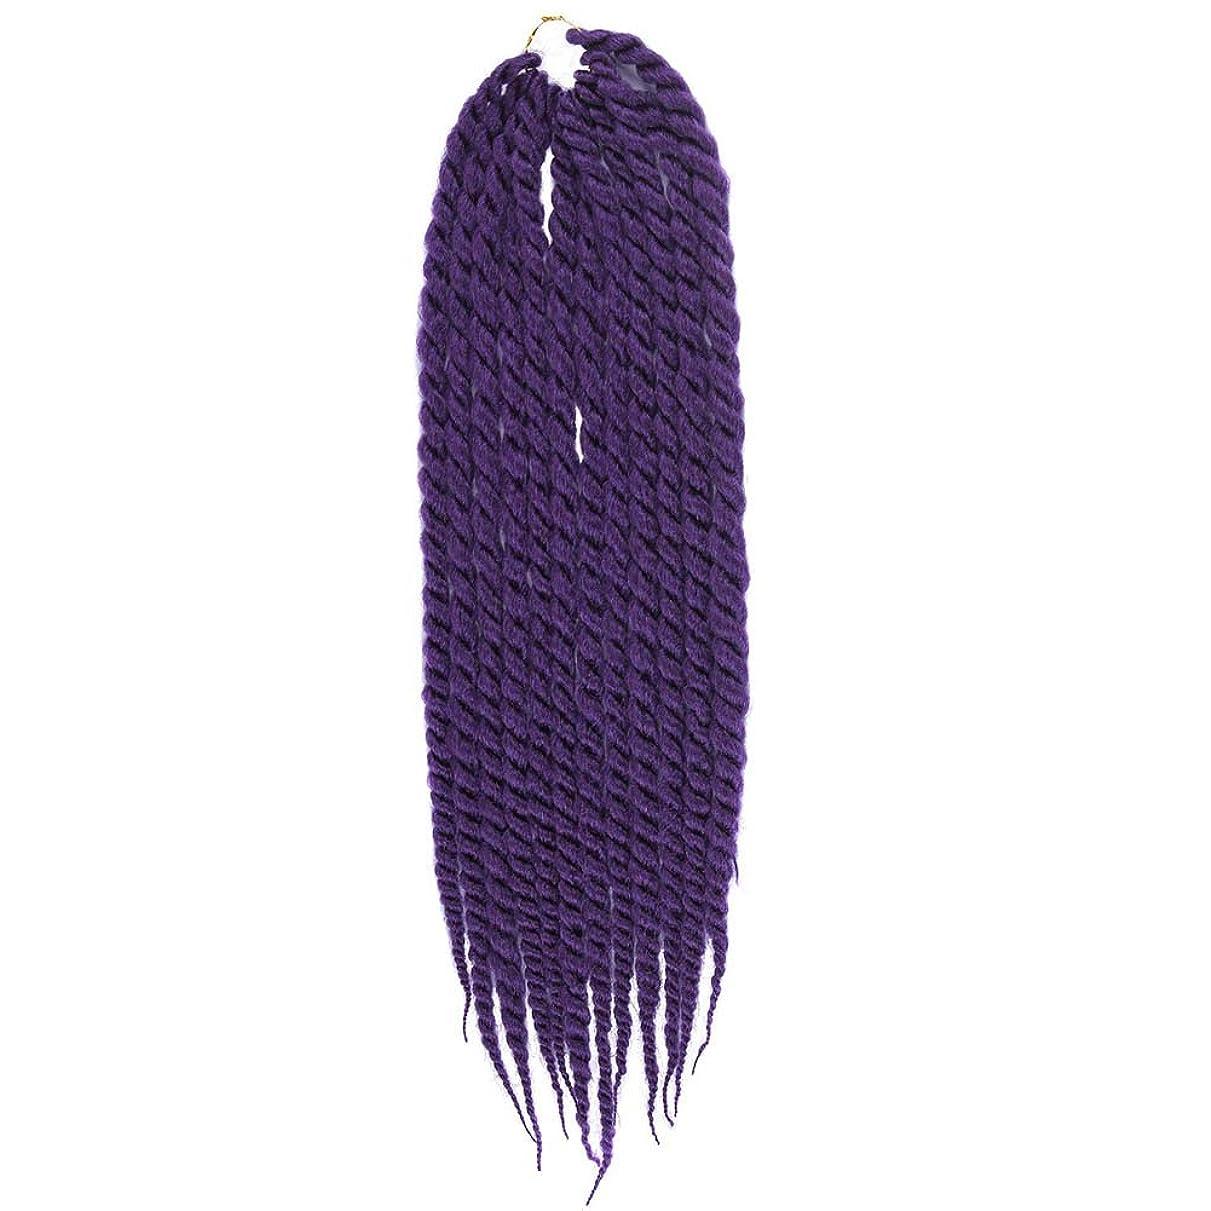 前者小石指定するかつらファッション化学繊維ダブルストランドマルチカラー編組耐熱合成コスプレクールかつら